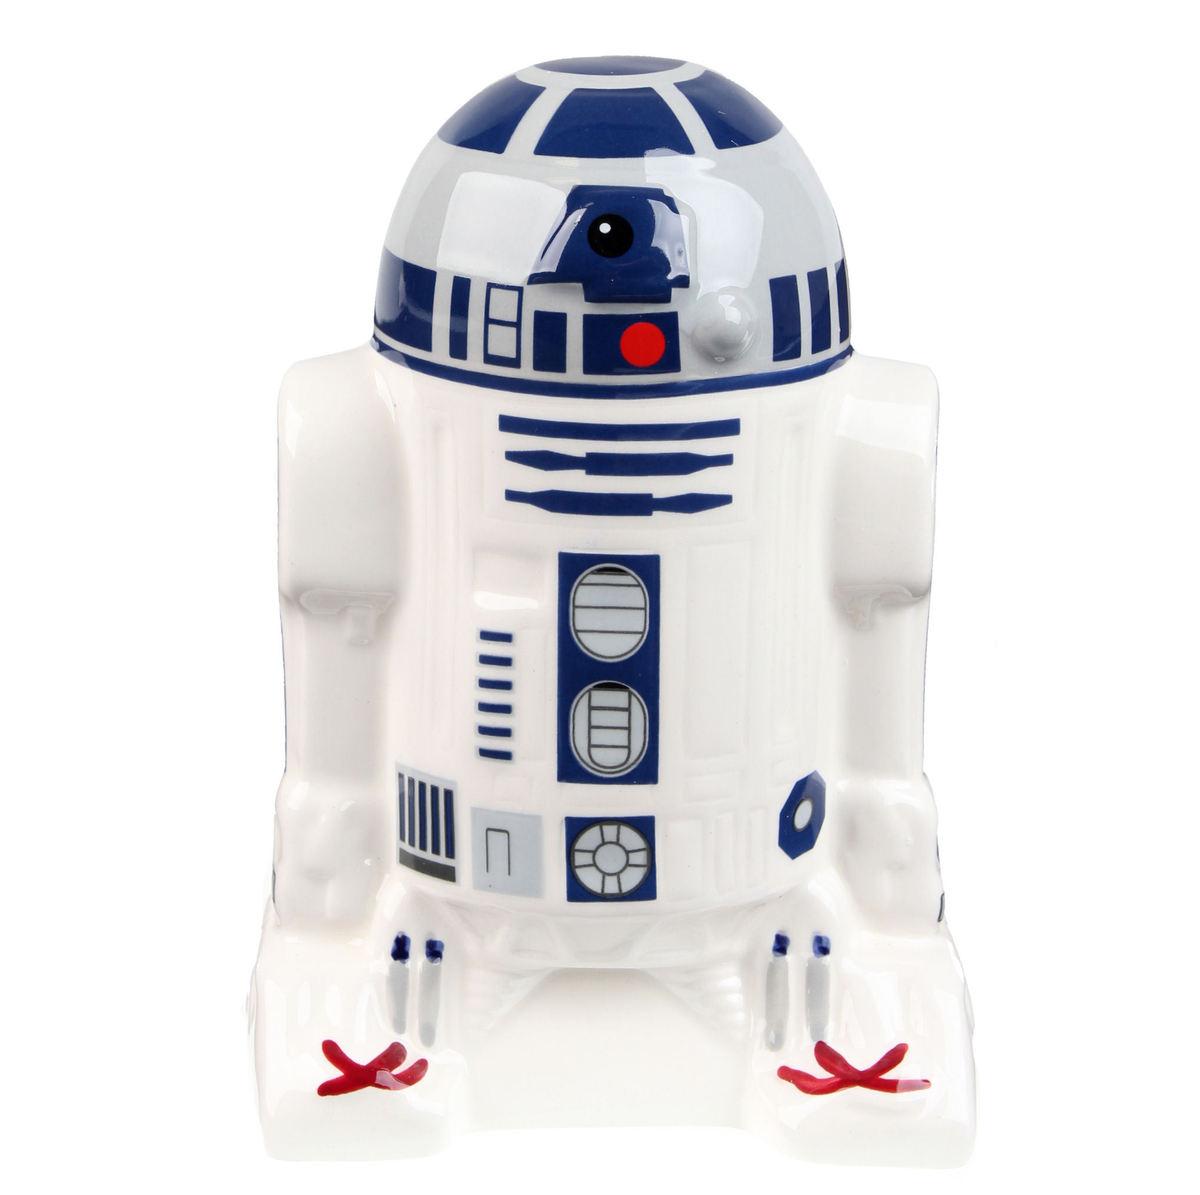 nádoba na zubní kartáčky Star Wars